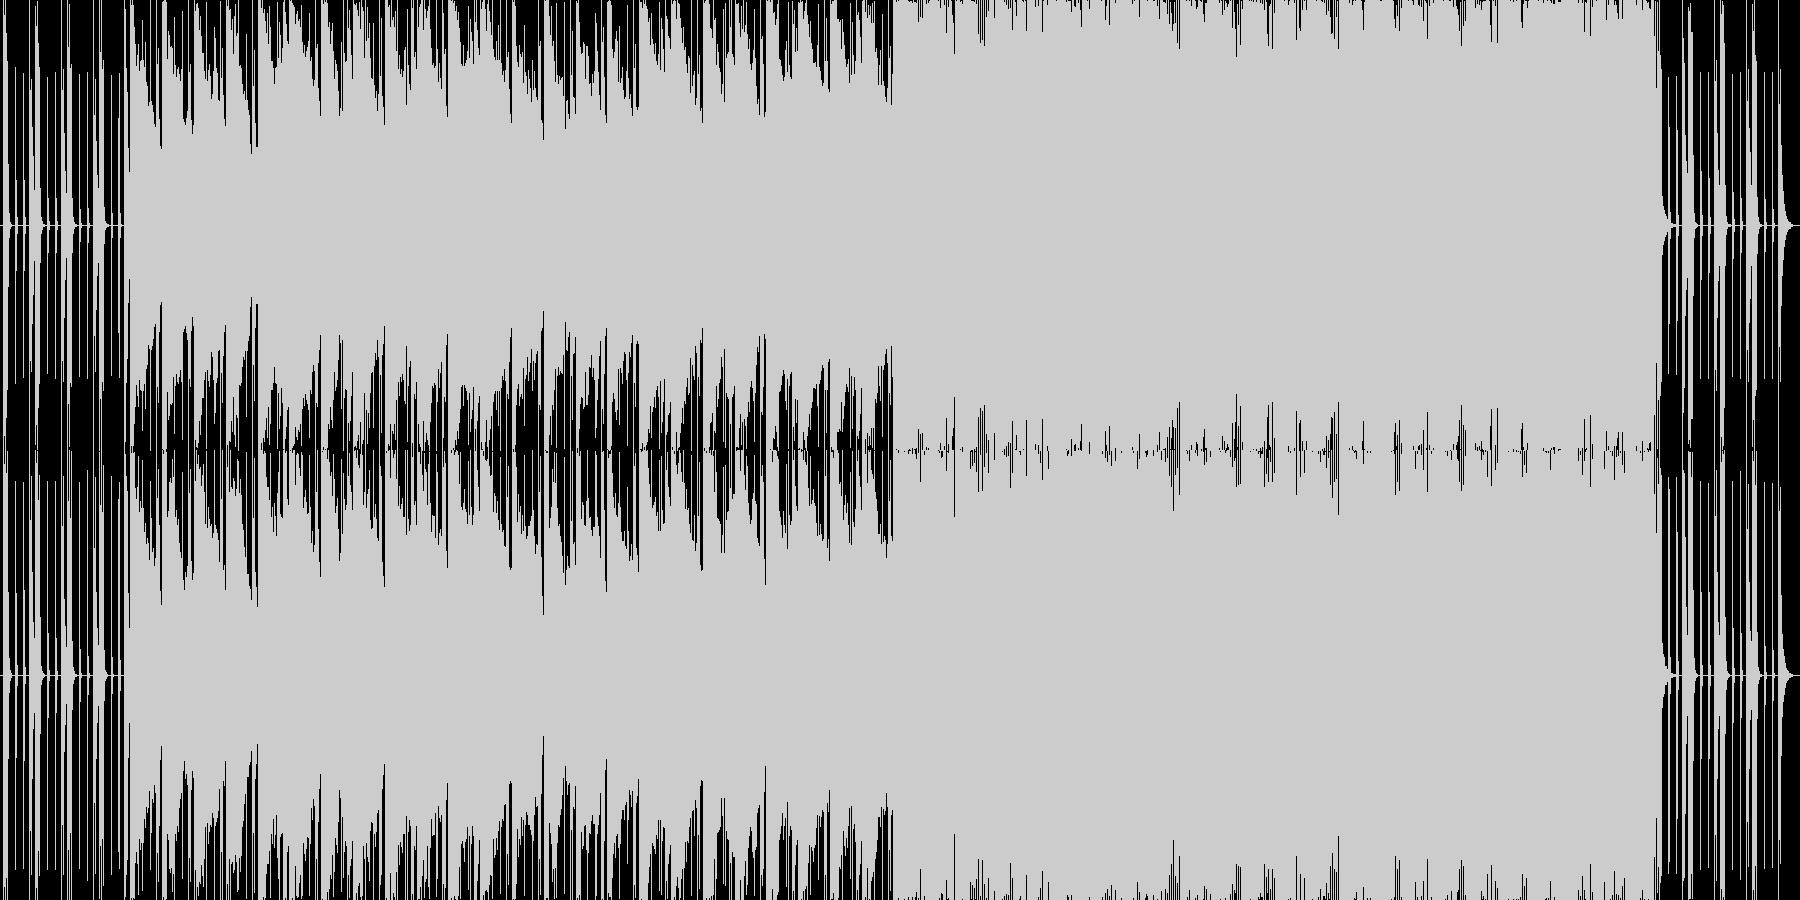 ダイナミックで破壊力あるメロディーの未再生の波形